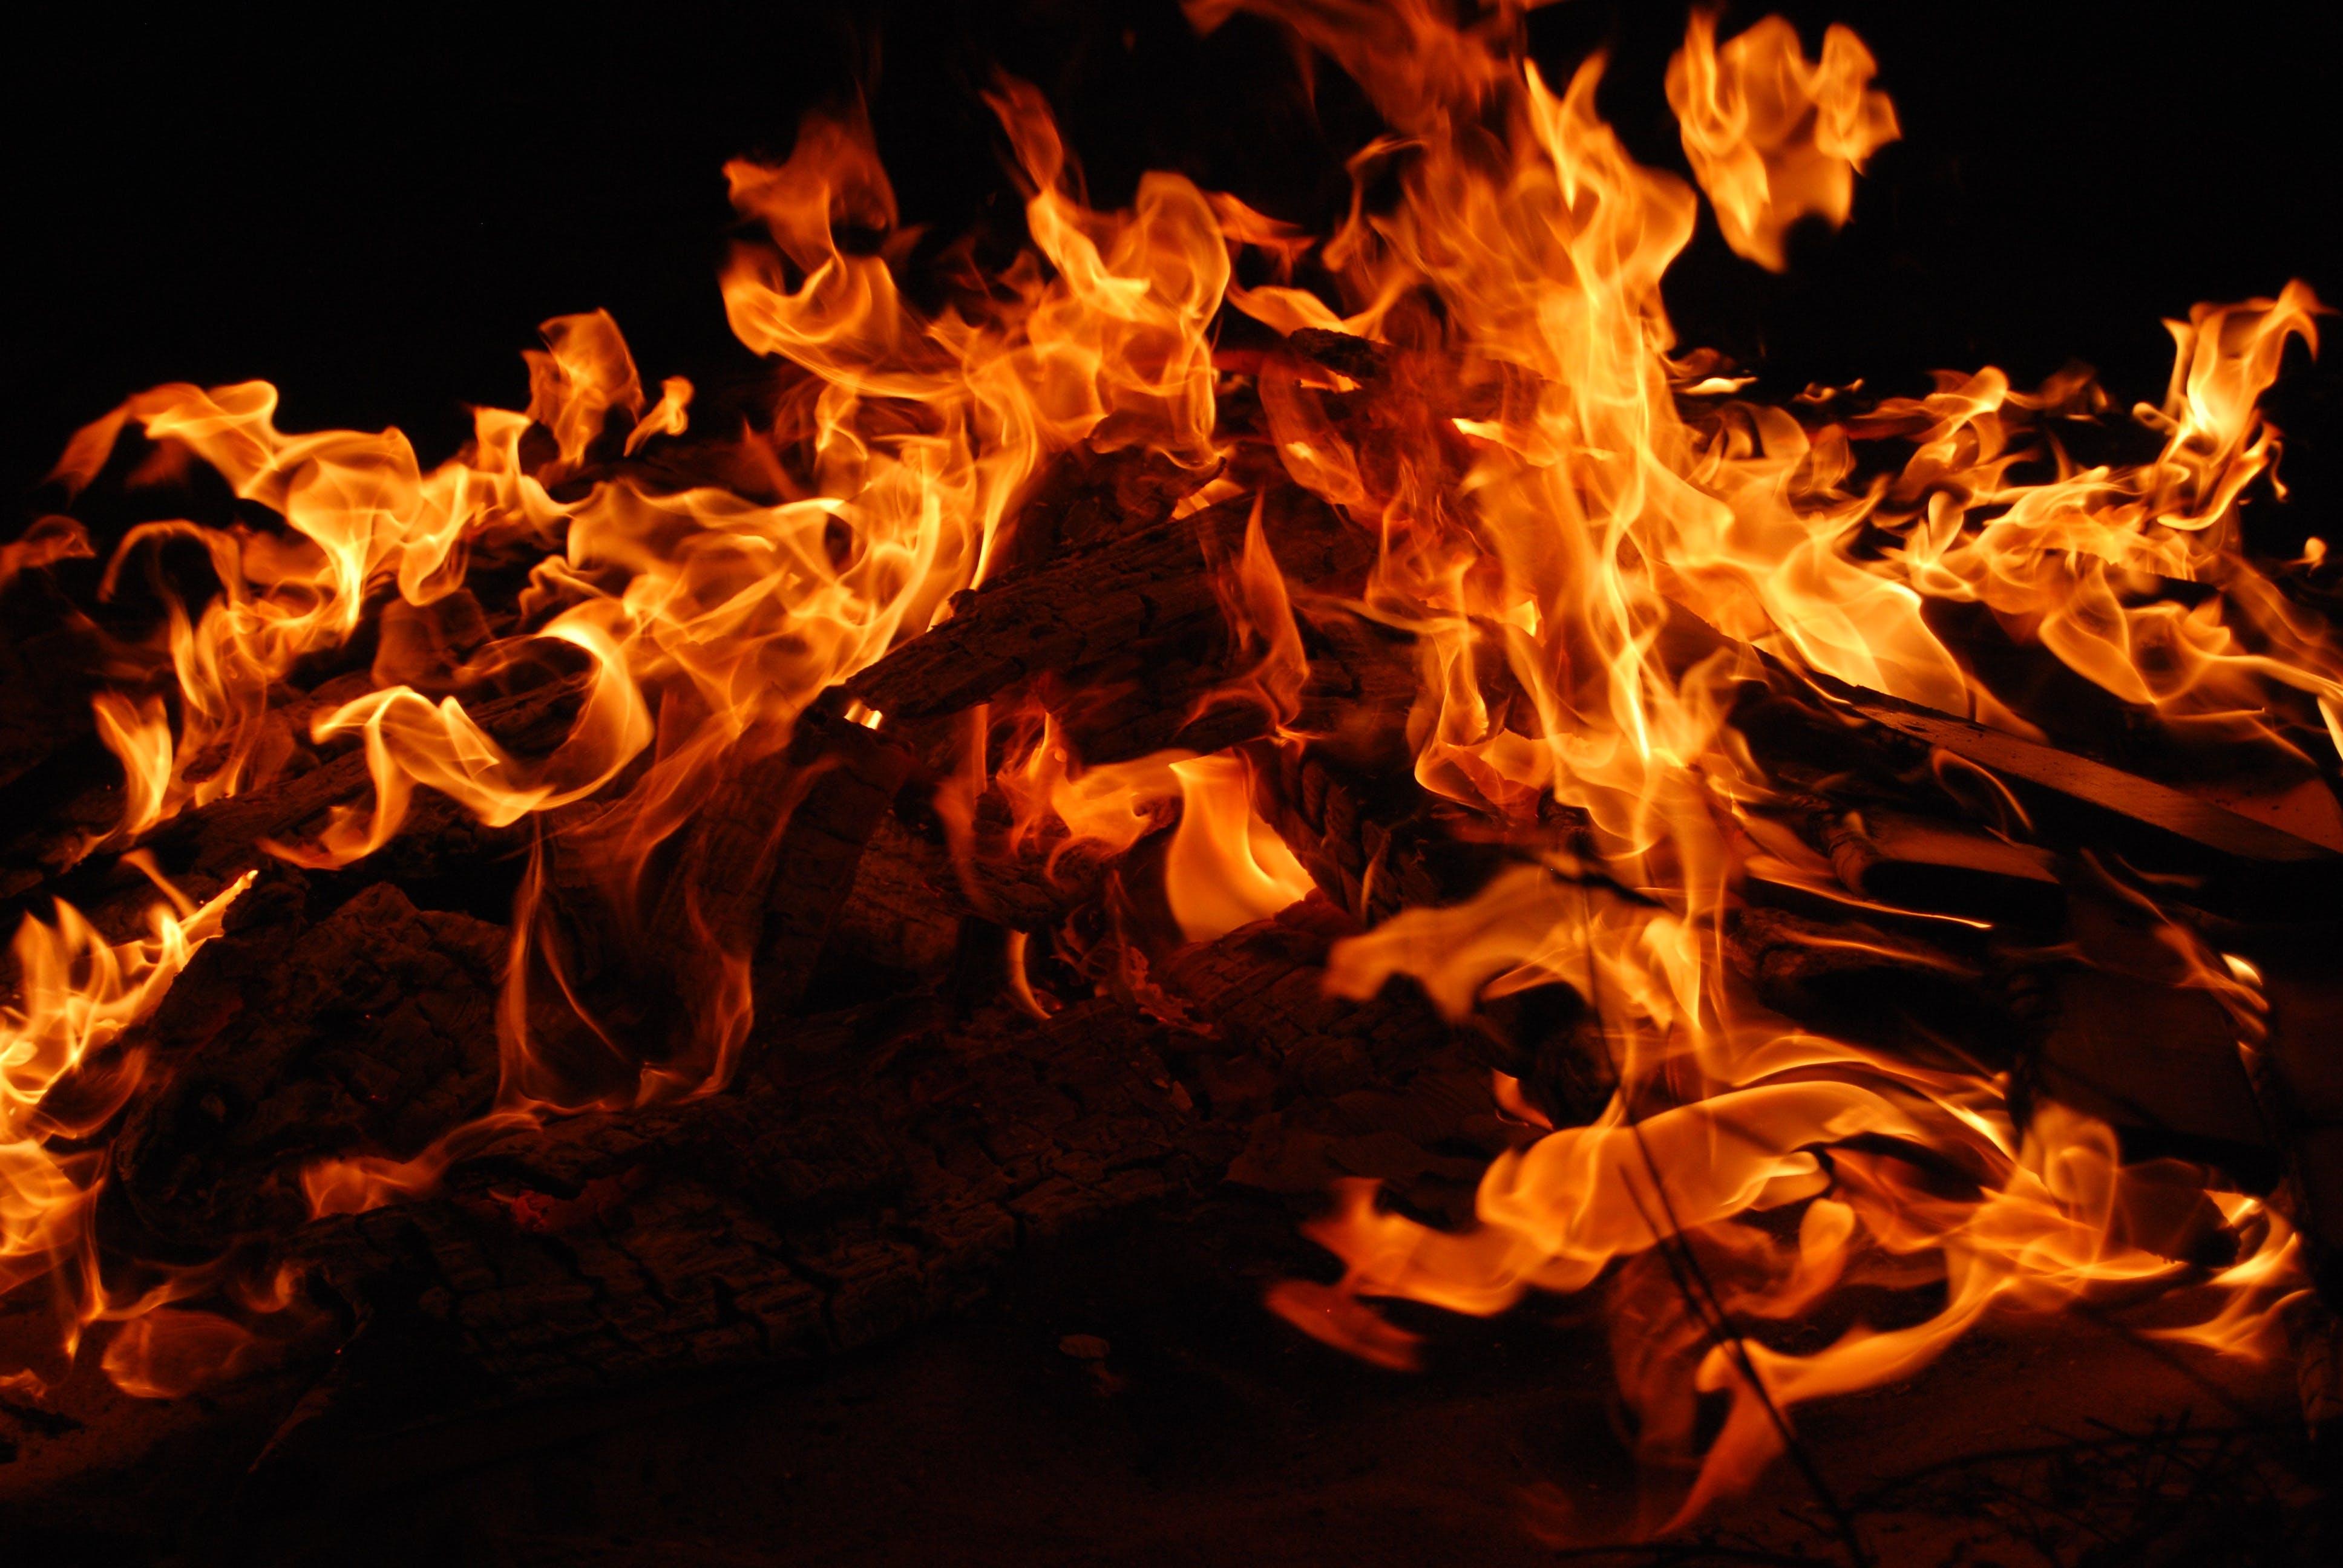 Foto d'estoc gratuïta de atractiu, calor, cremant, flama